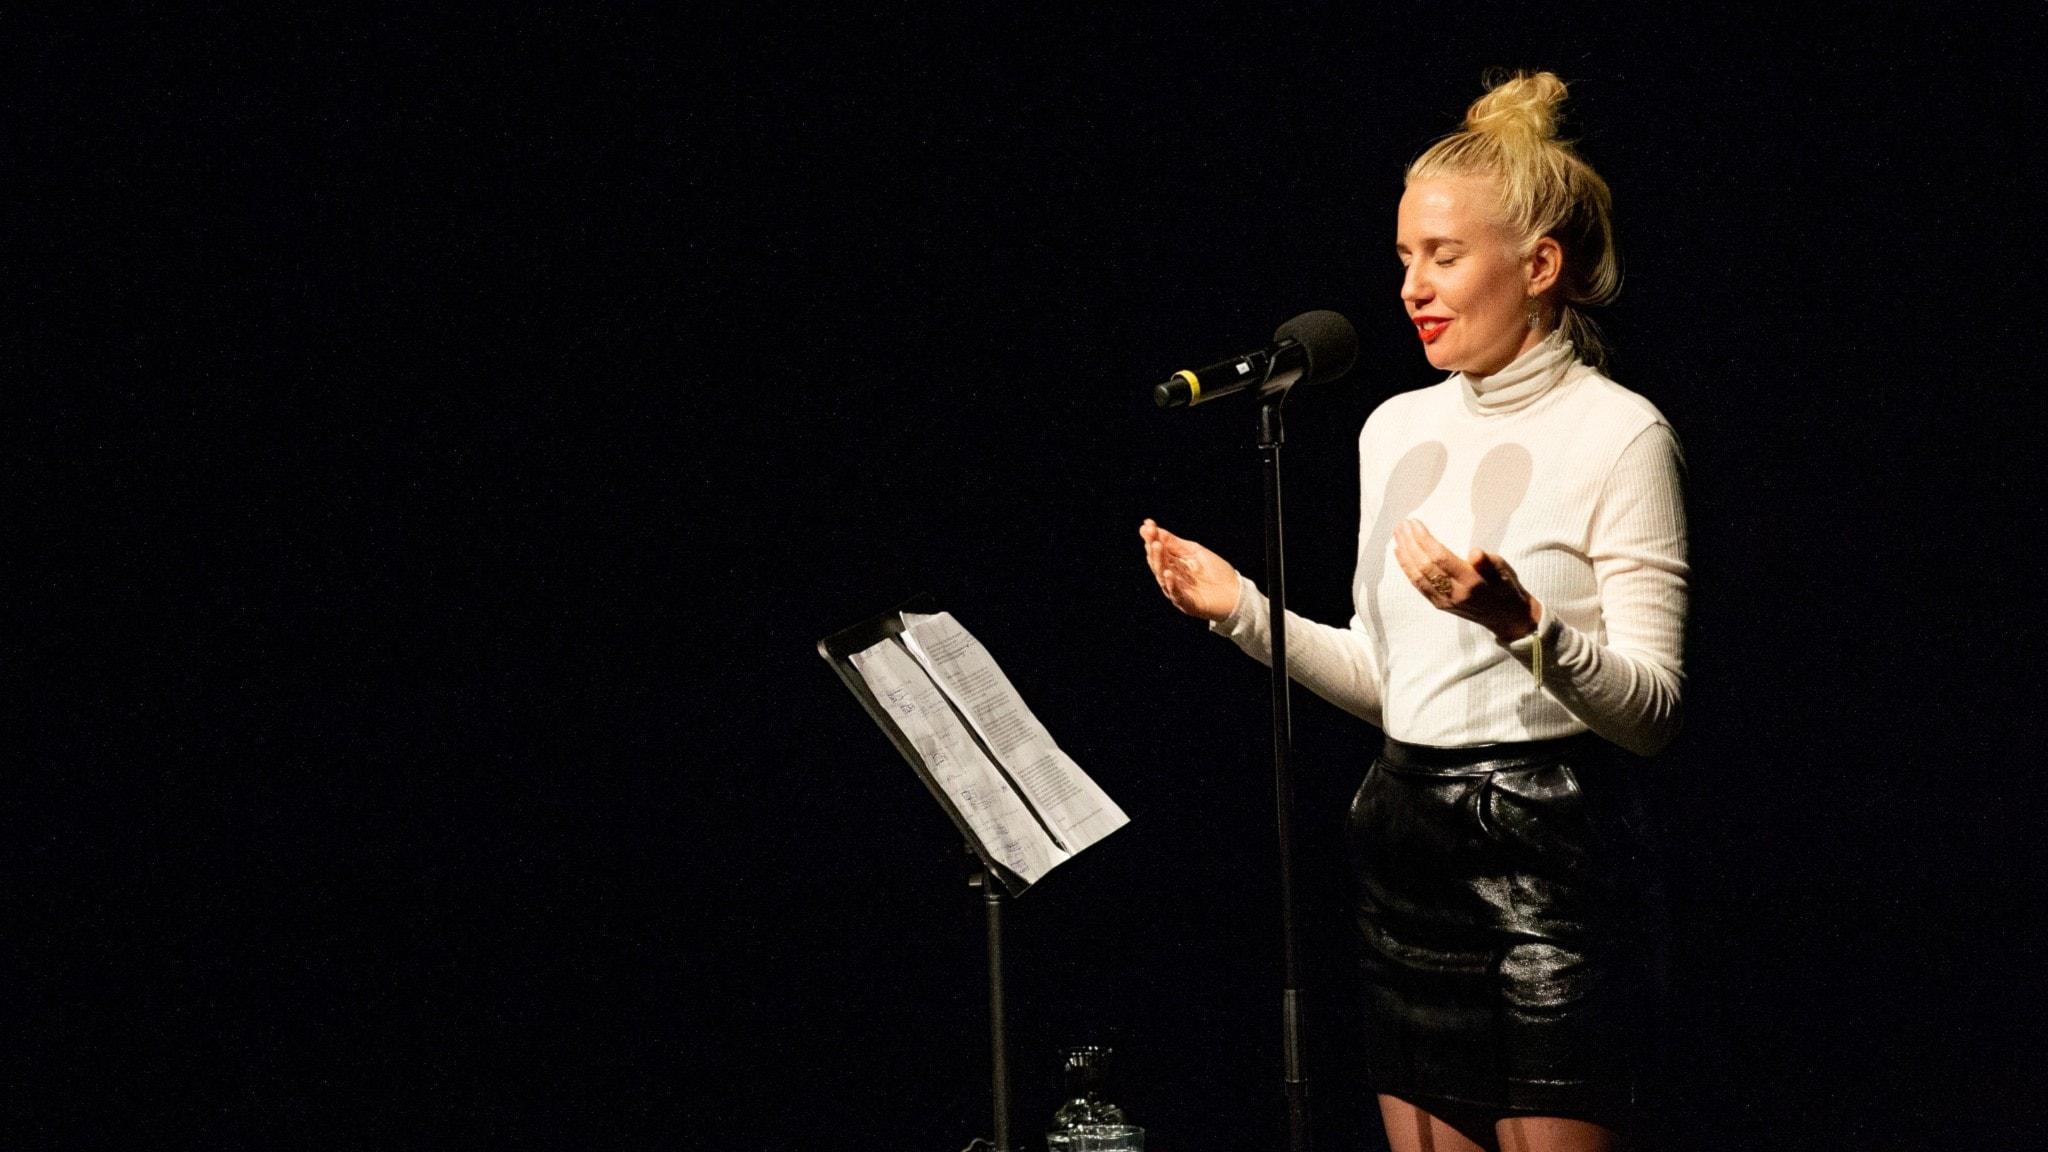 Svenska berättelser på scen - Förlåt mamma av Kristin Montagu-Evans